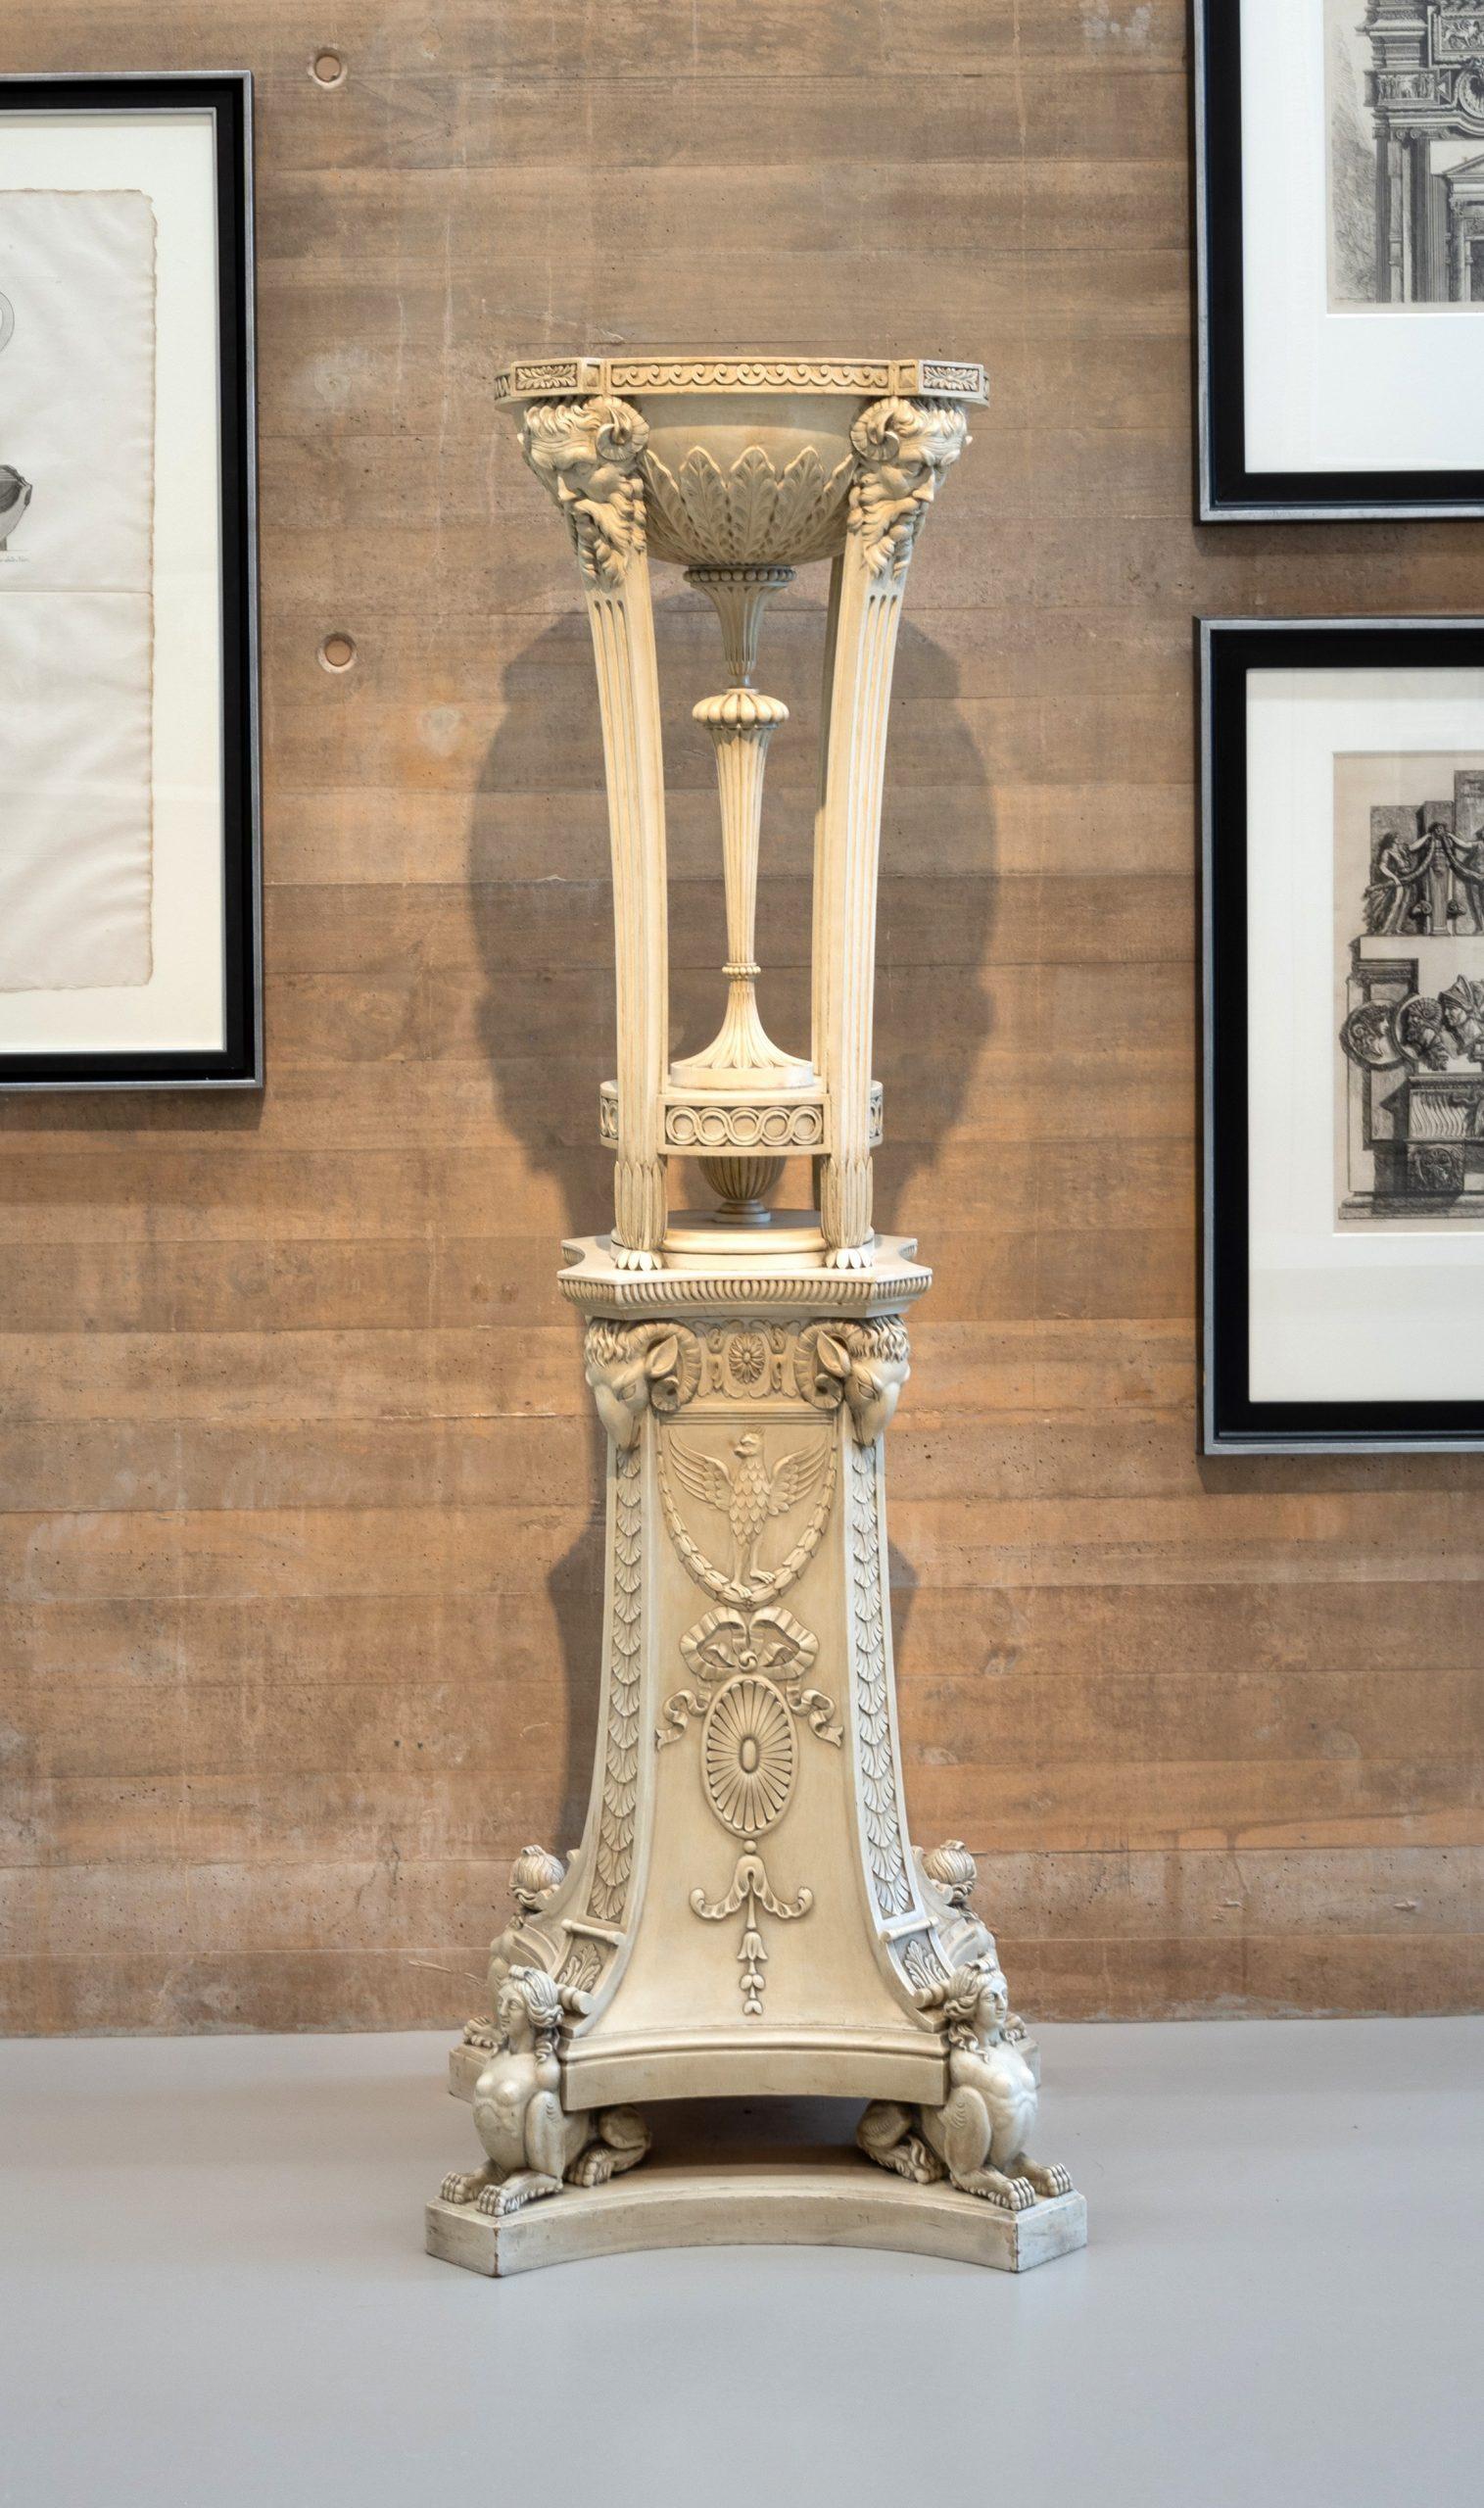 47. Pebeteros decorados con cabezas de sátiros, carneros y esfinges Estilo Adam, 1960-63